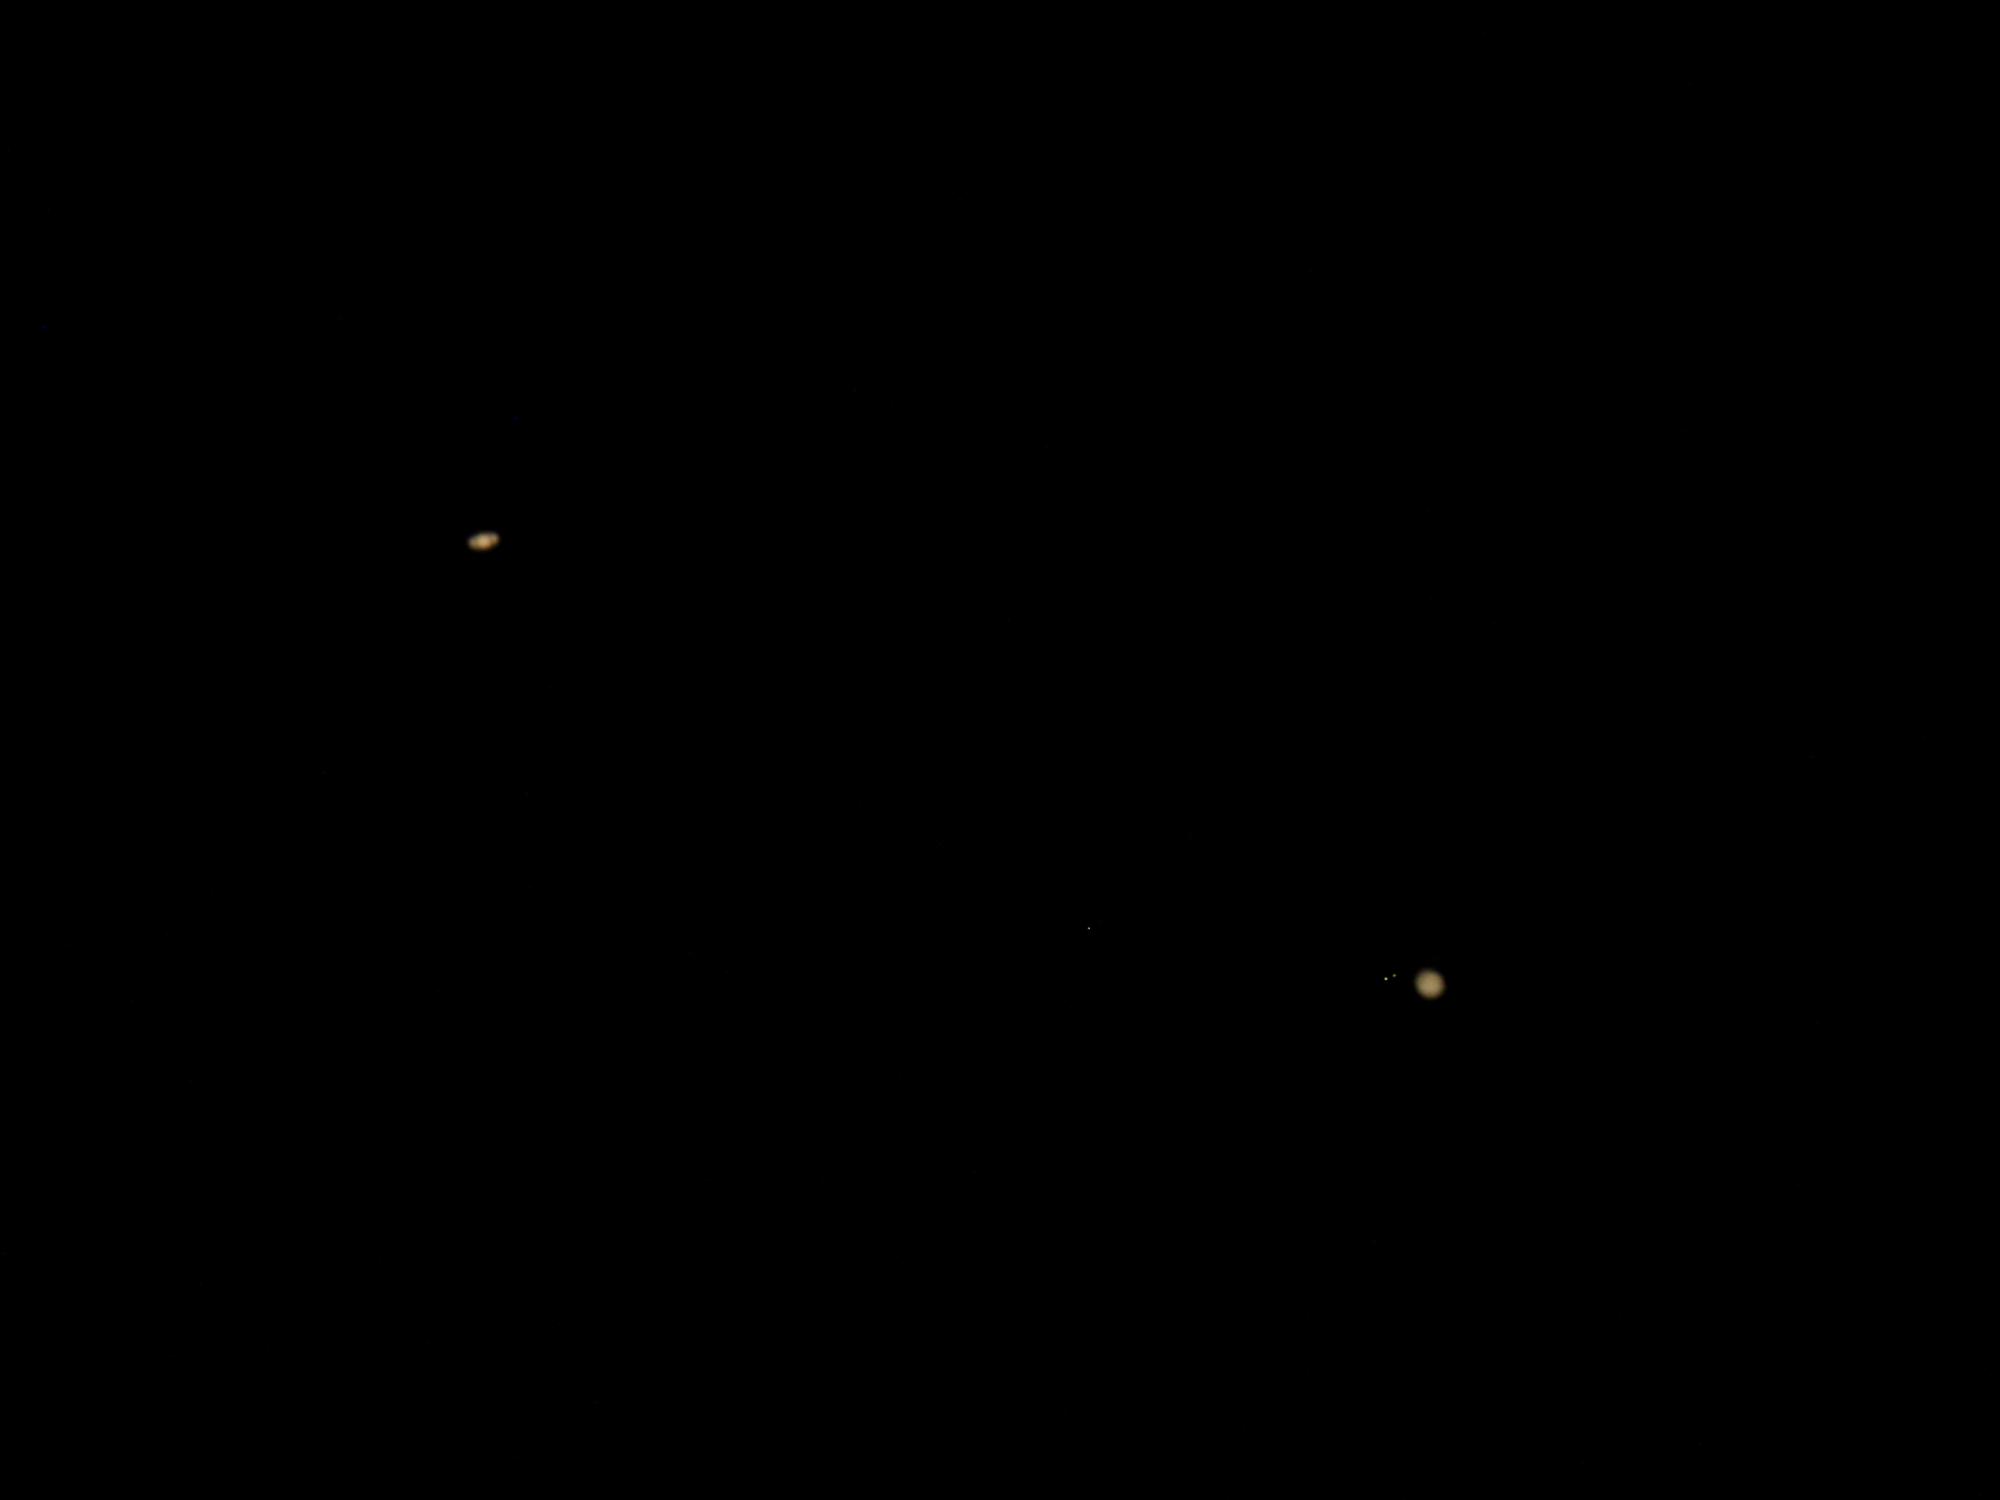 SaturneJujuSat2020_12_18crop.thumb.png.3a738543b110187e70fd2b457428339d.png